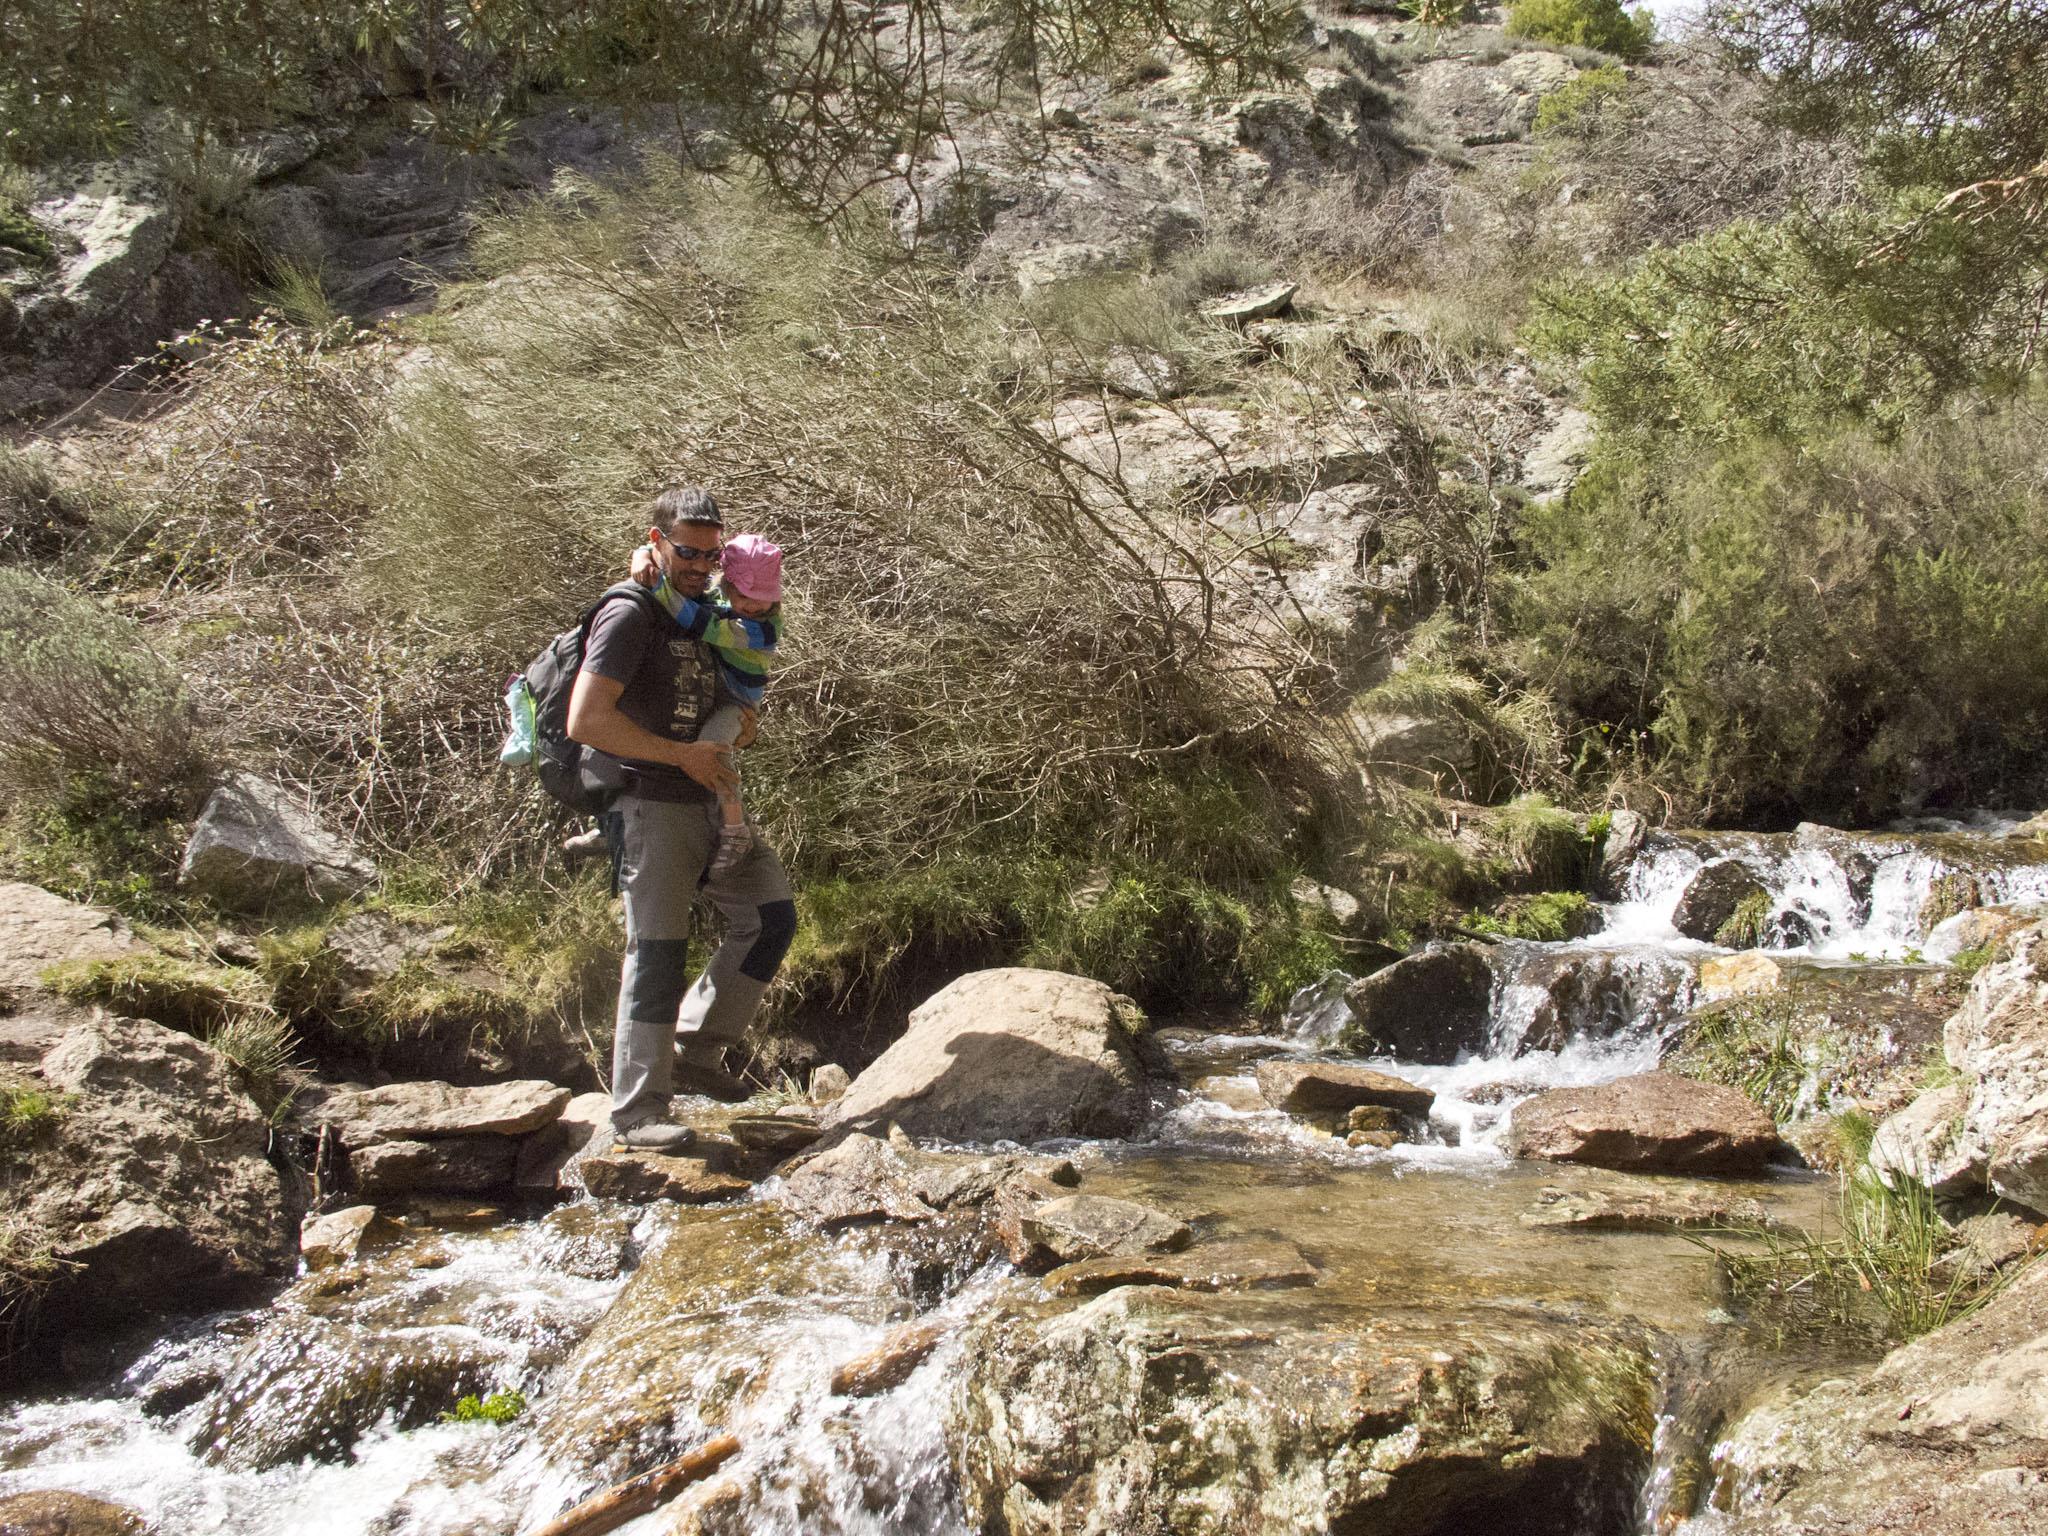 Saltando el río para llegar a la chorrera © Jose Ramon Aguirre